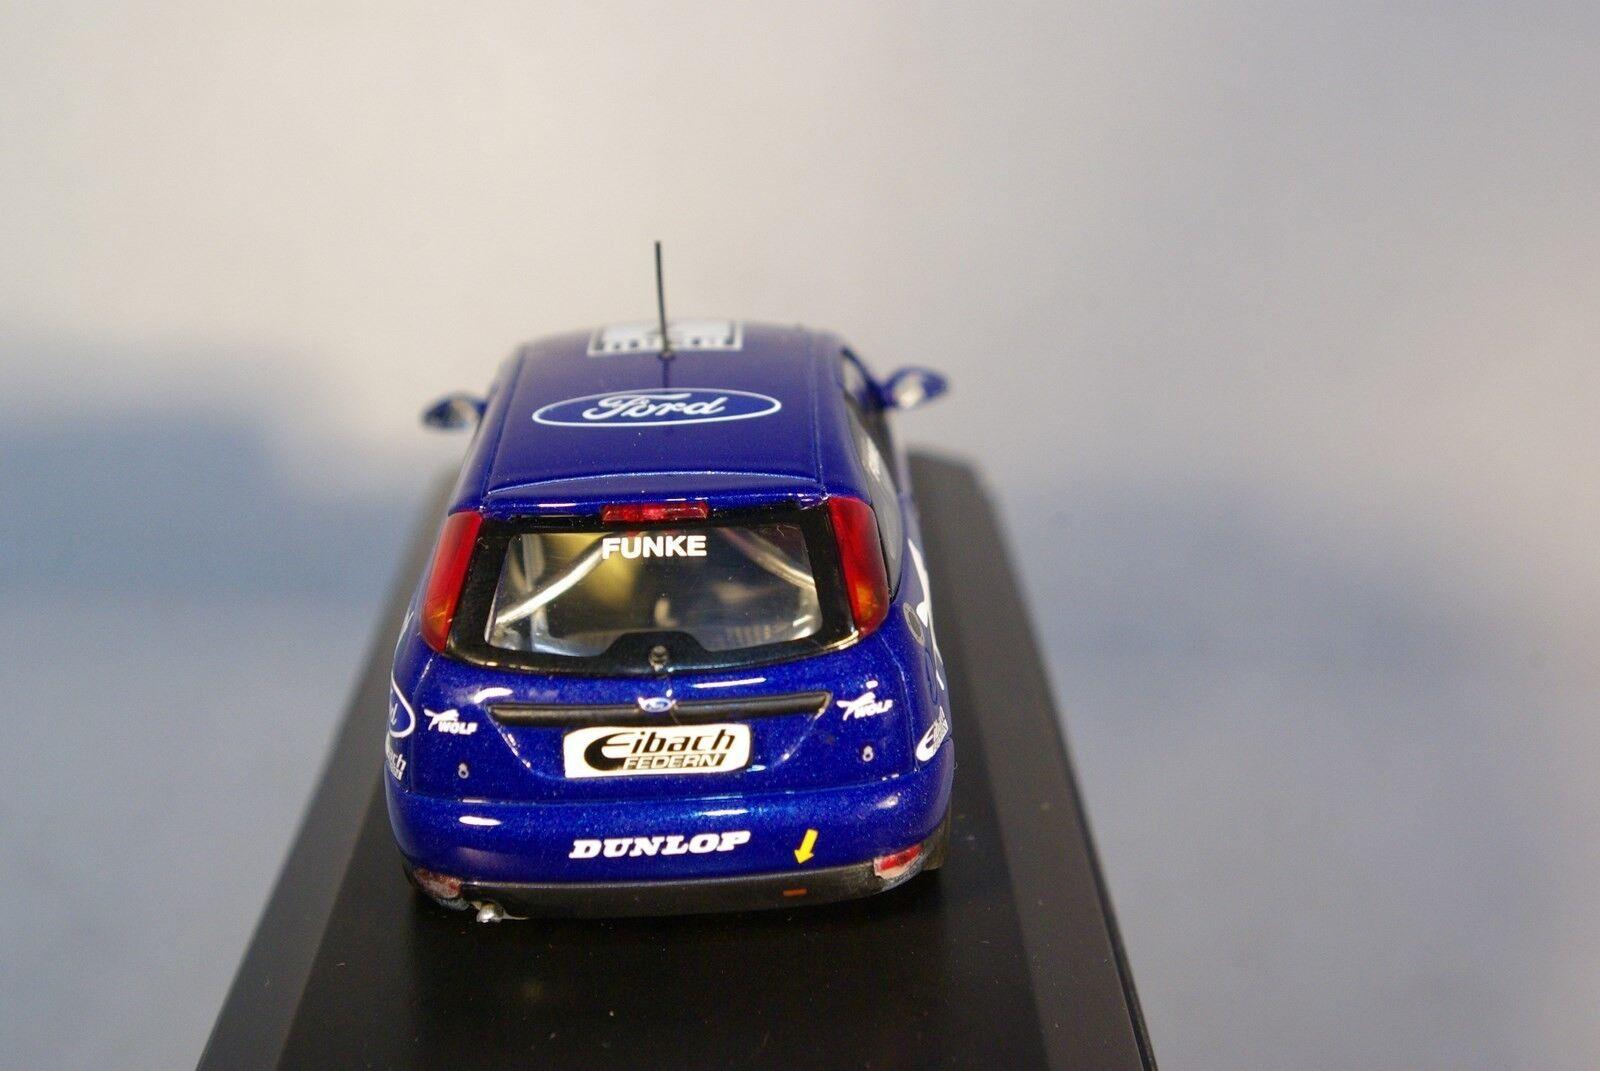 MINICHAMPS MINICHAMPS MINICHAMPS FORD FOCUS RS WRC FUNKE BERU RALLY WOLF MINT BOXED RARE SELTEN    aab534